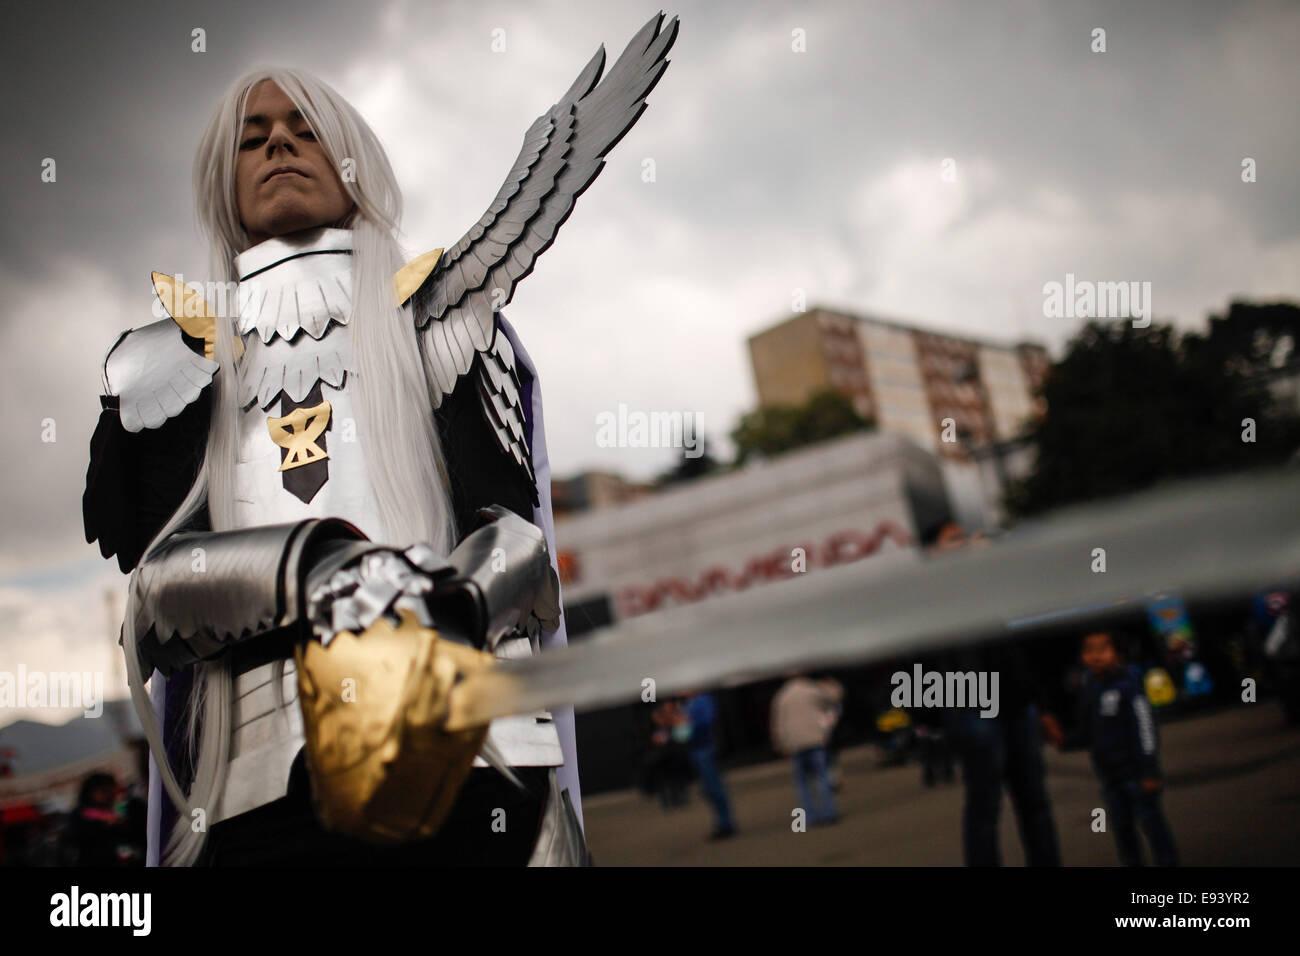 Bogota, Kolumbien. 18. Oktober 2014. Ein Bewohner in einem Kostüm posiert während der 6. Freizeit- und Stockbild